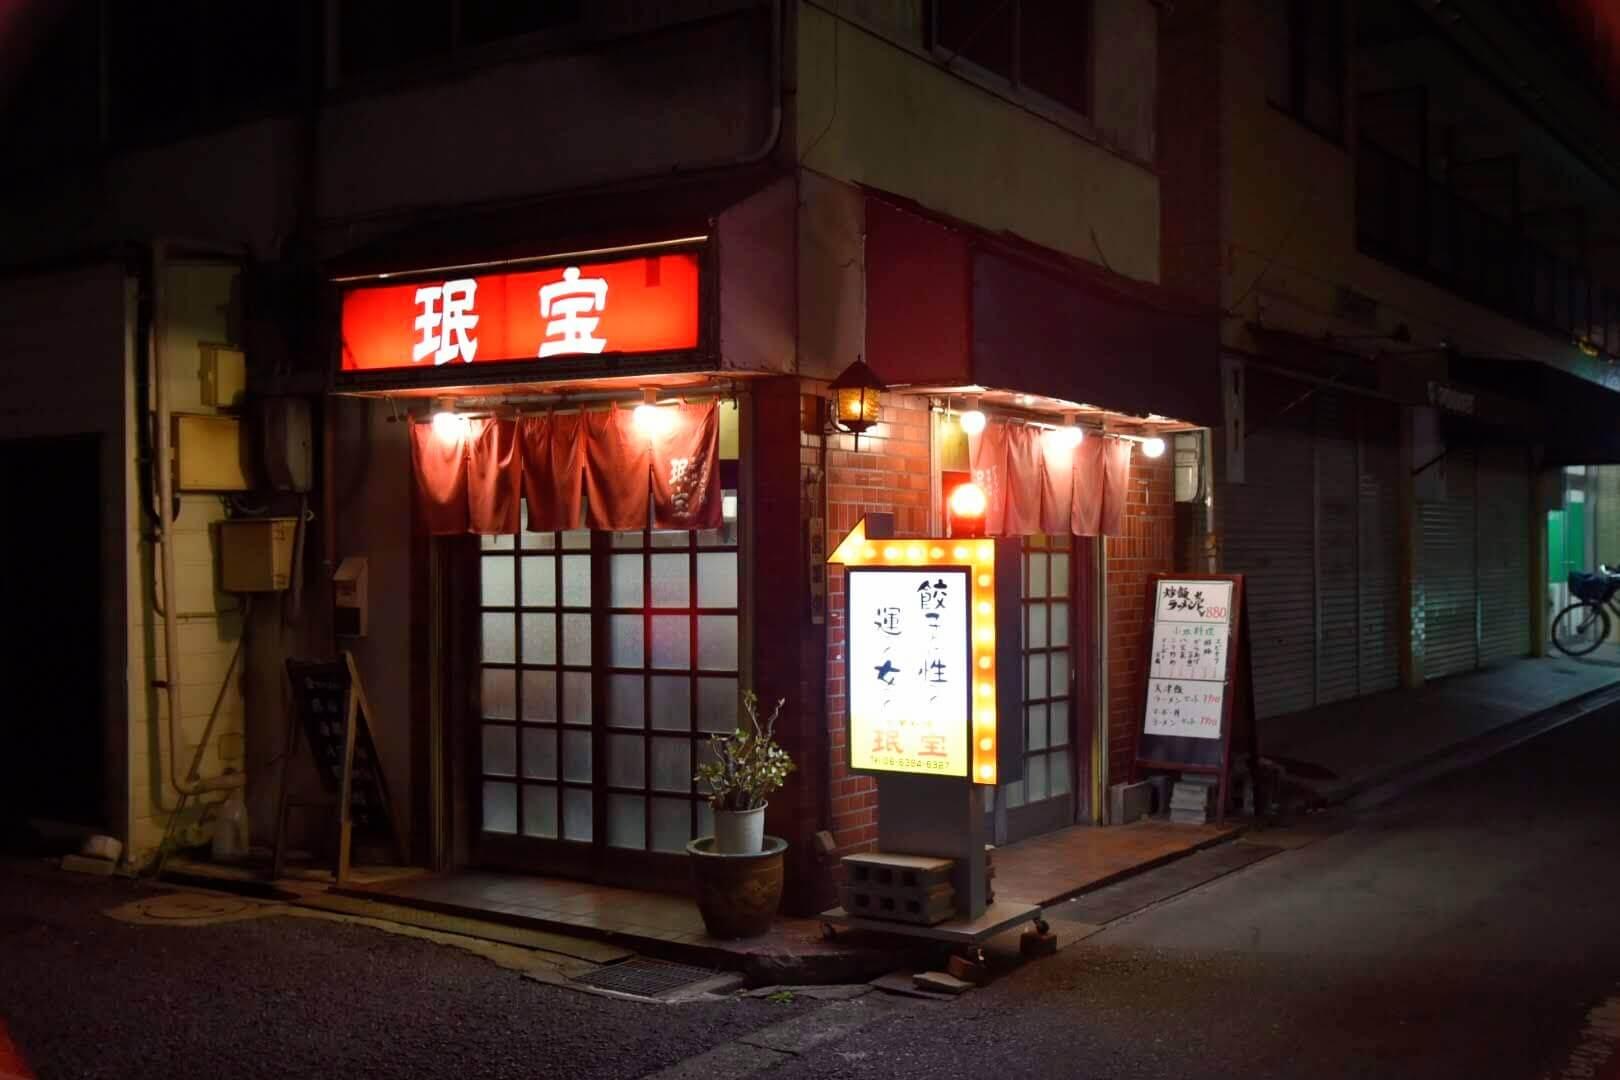 珉宝(ミンポウ)の入り口は2つ